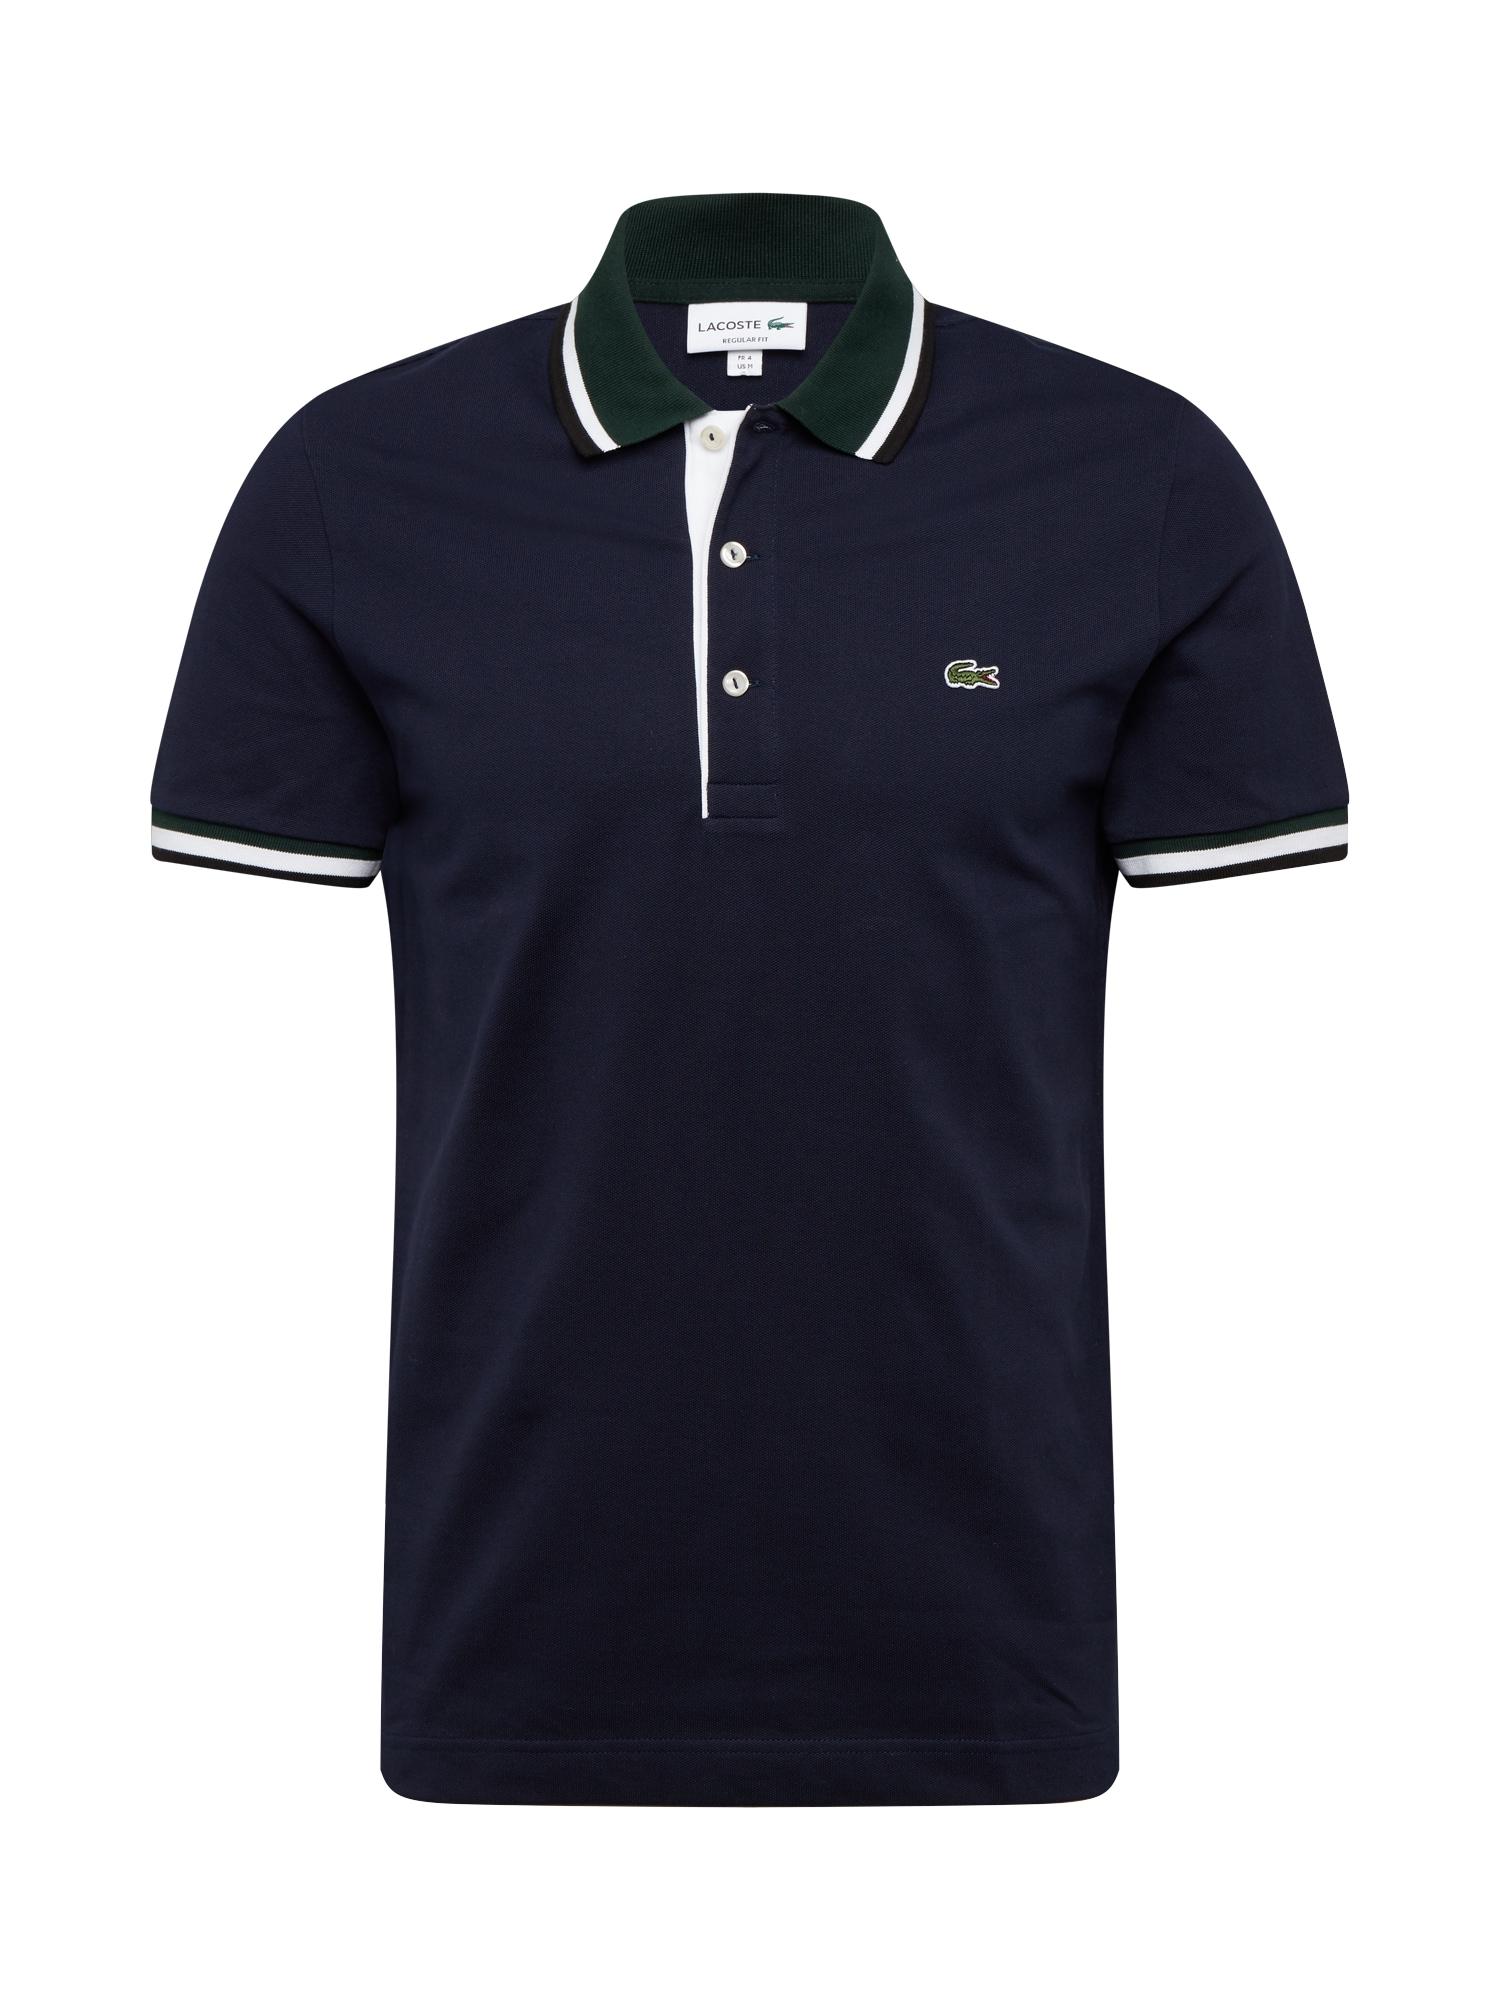 LACOSTE Tričko  zelená / námořnická modř